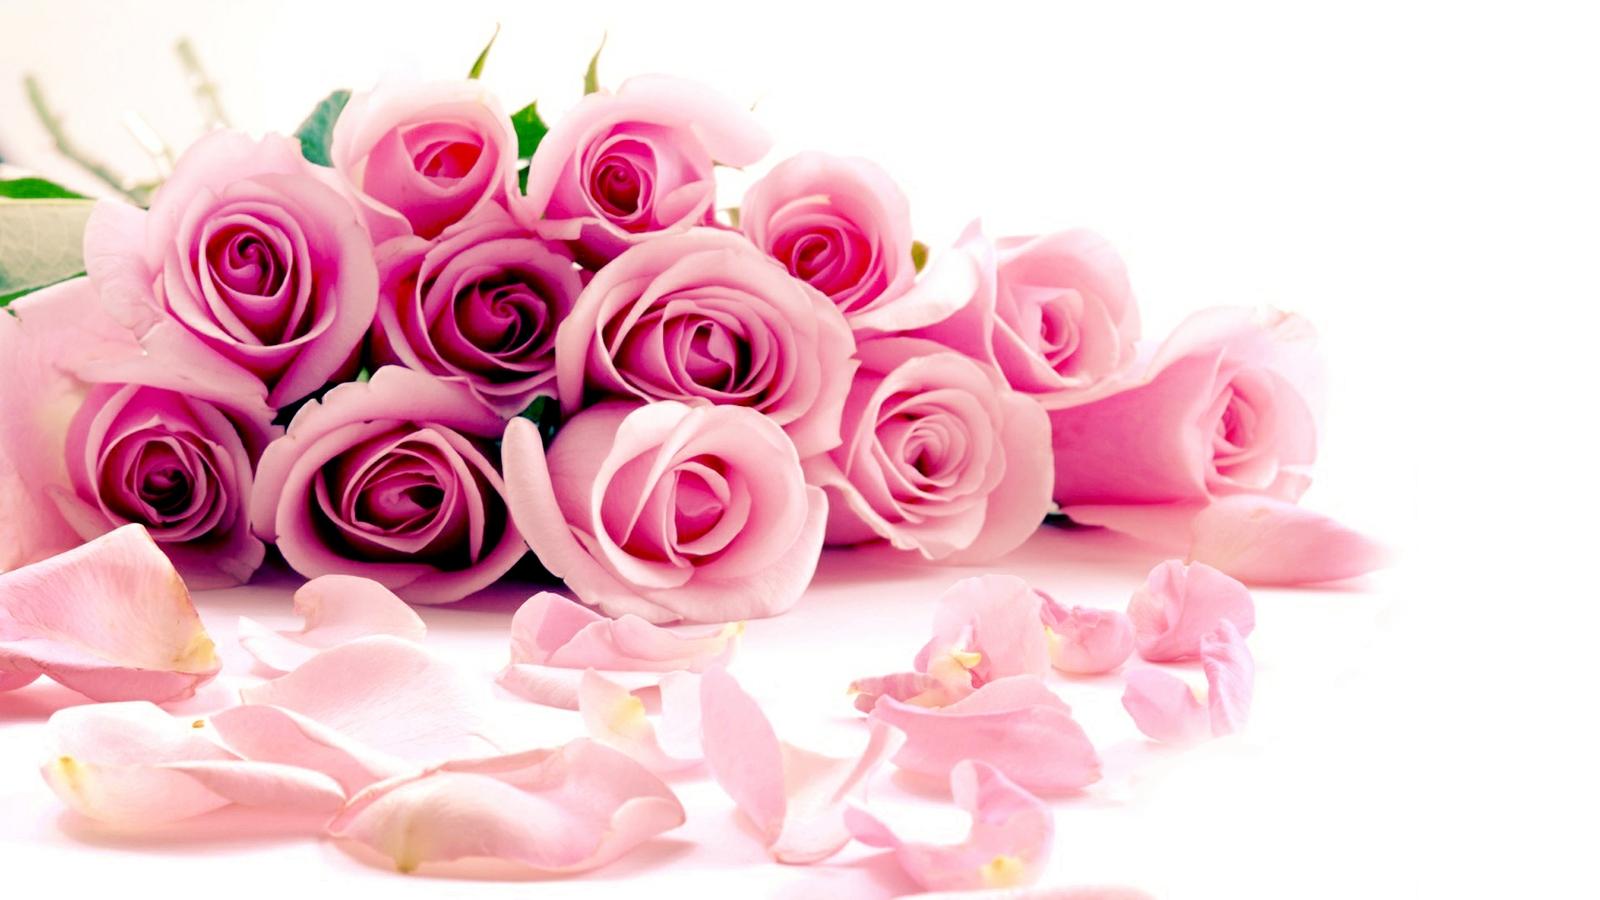 Hình ảnh hoa hồng làm background